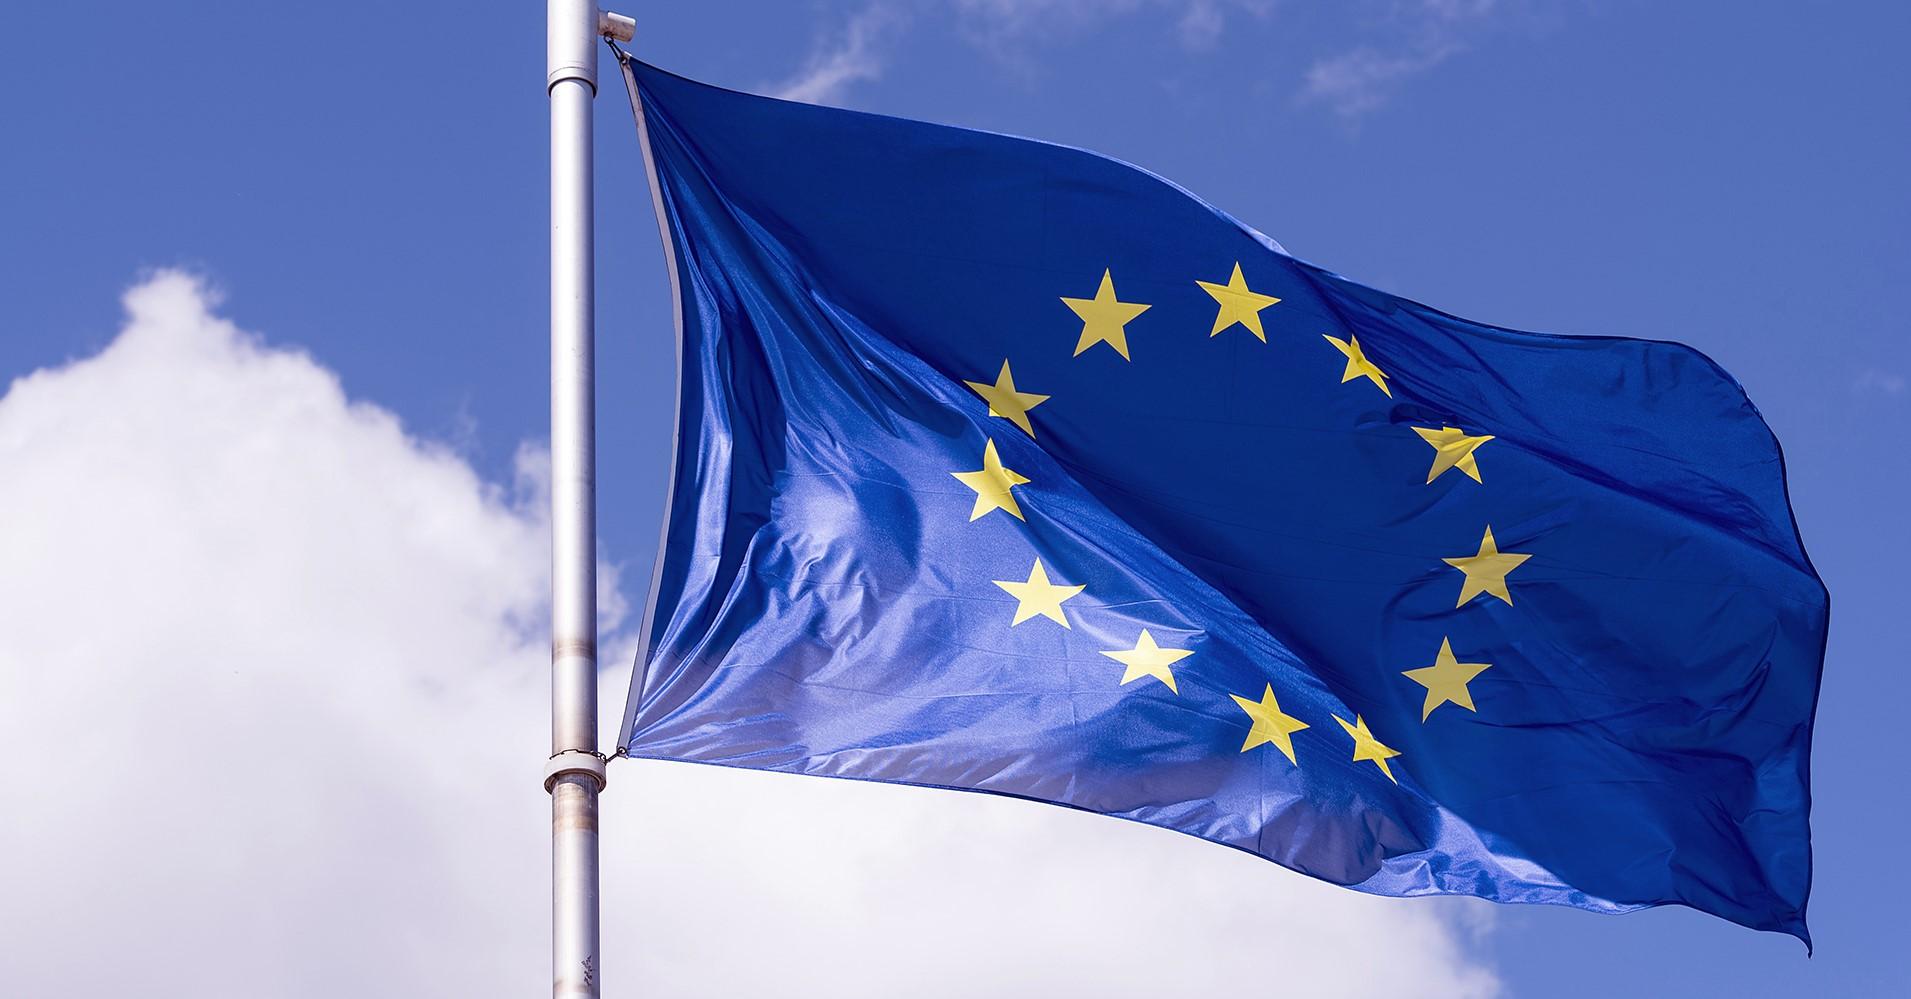 Blå EU-flagga med gula stjärnor mot en blå himmel.